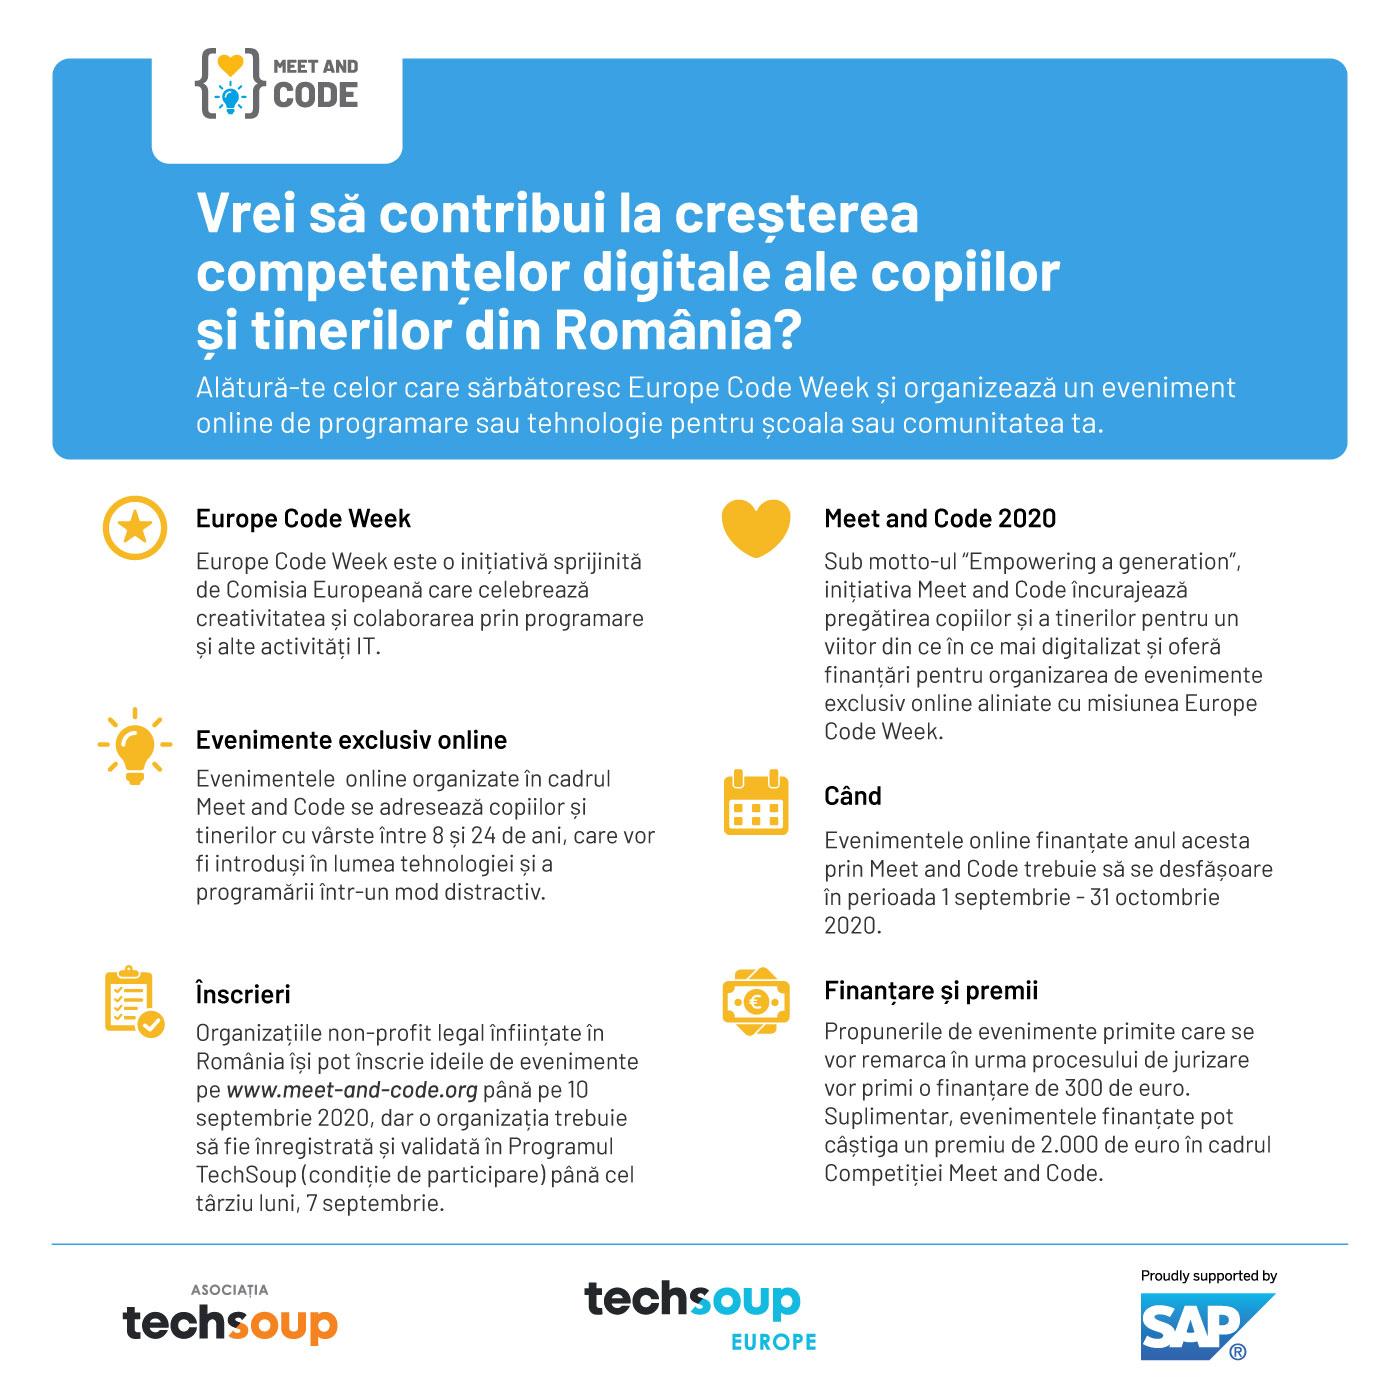 Meet and Code 2020 finanțează evenimente online de programare și tehnologie